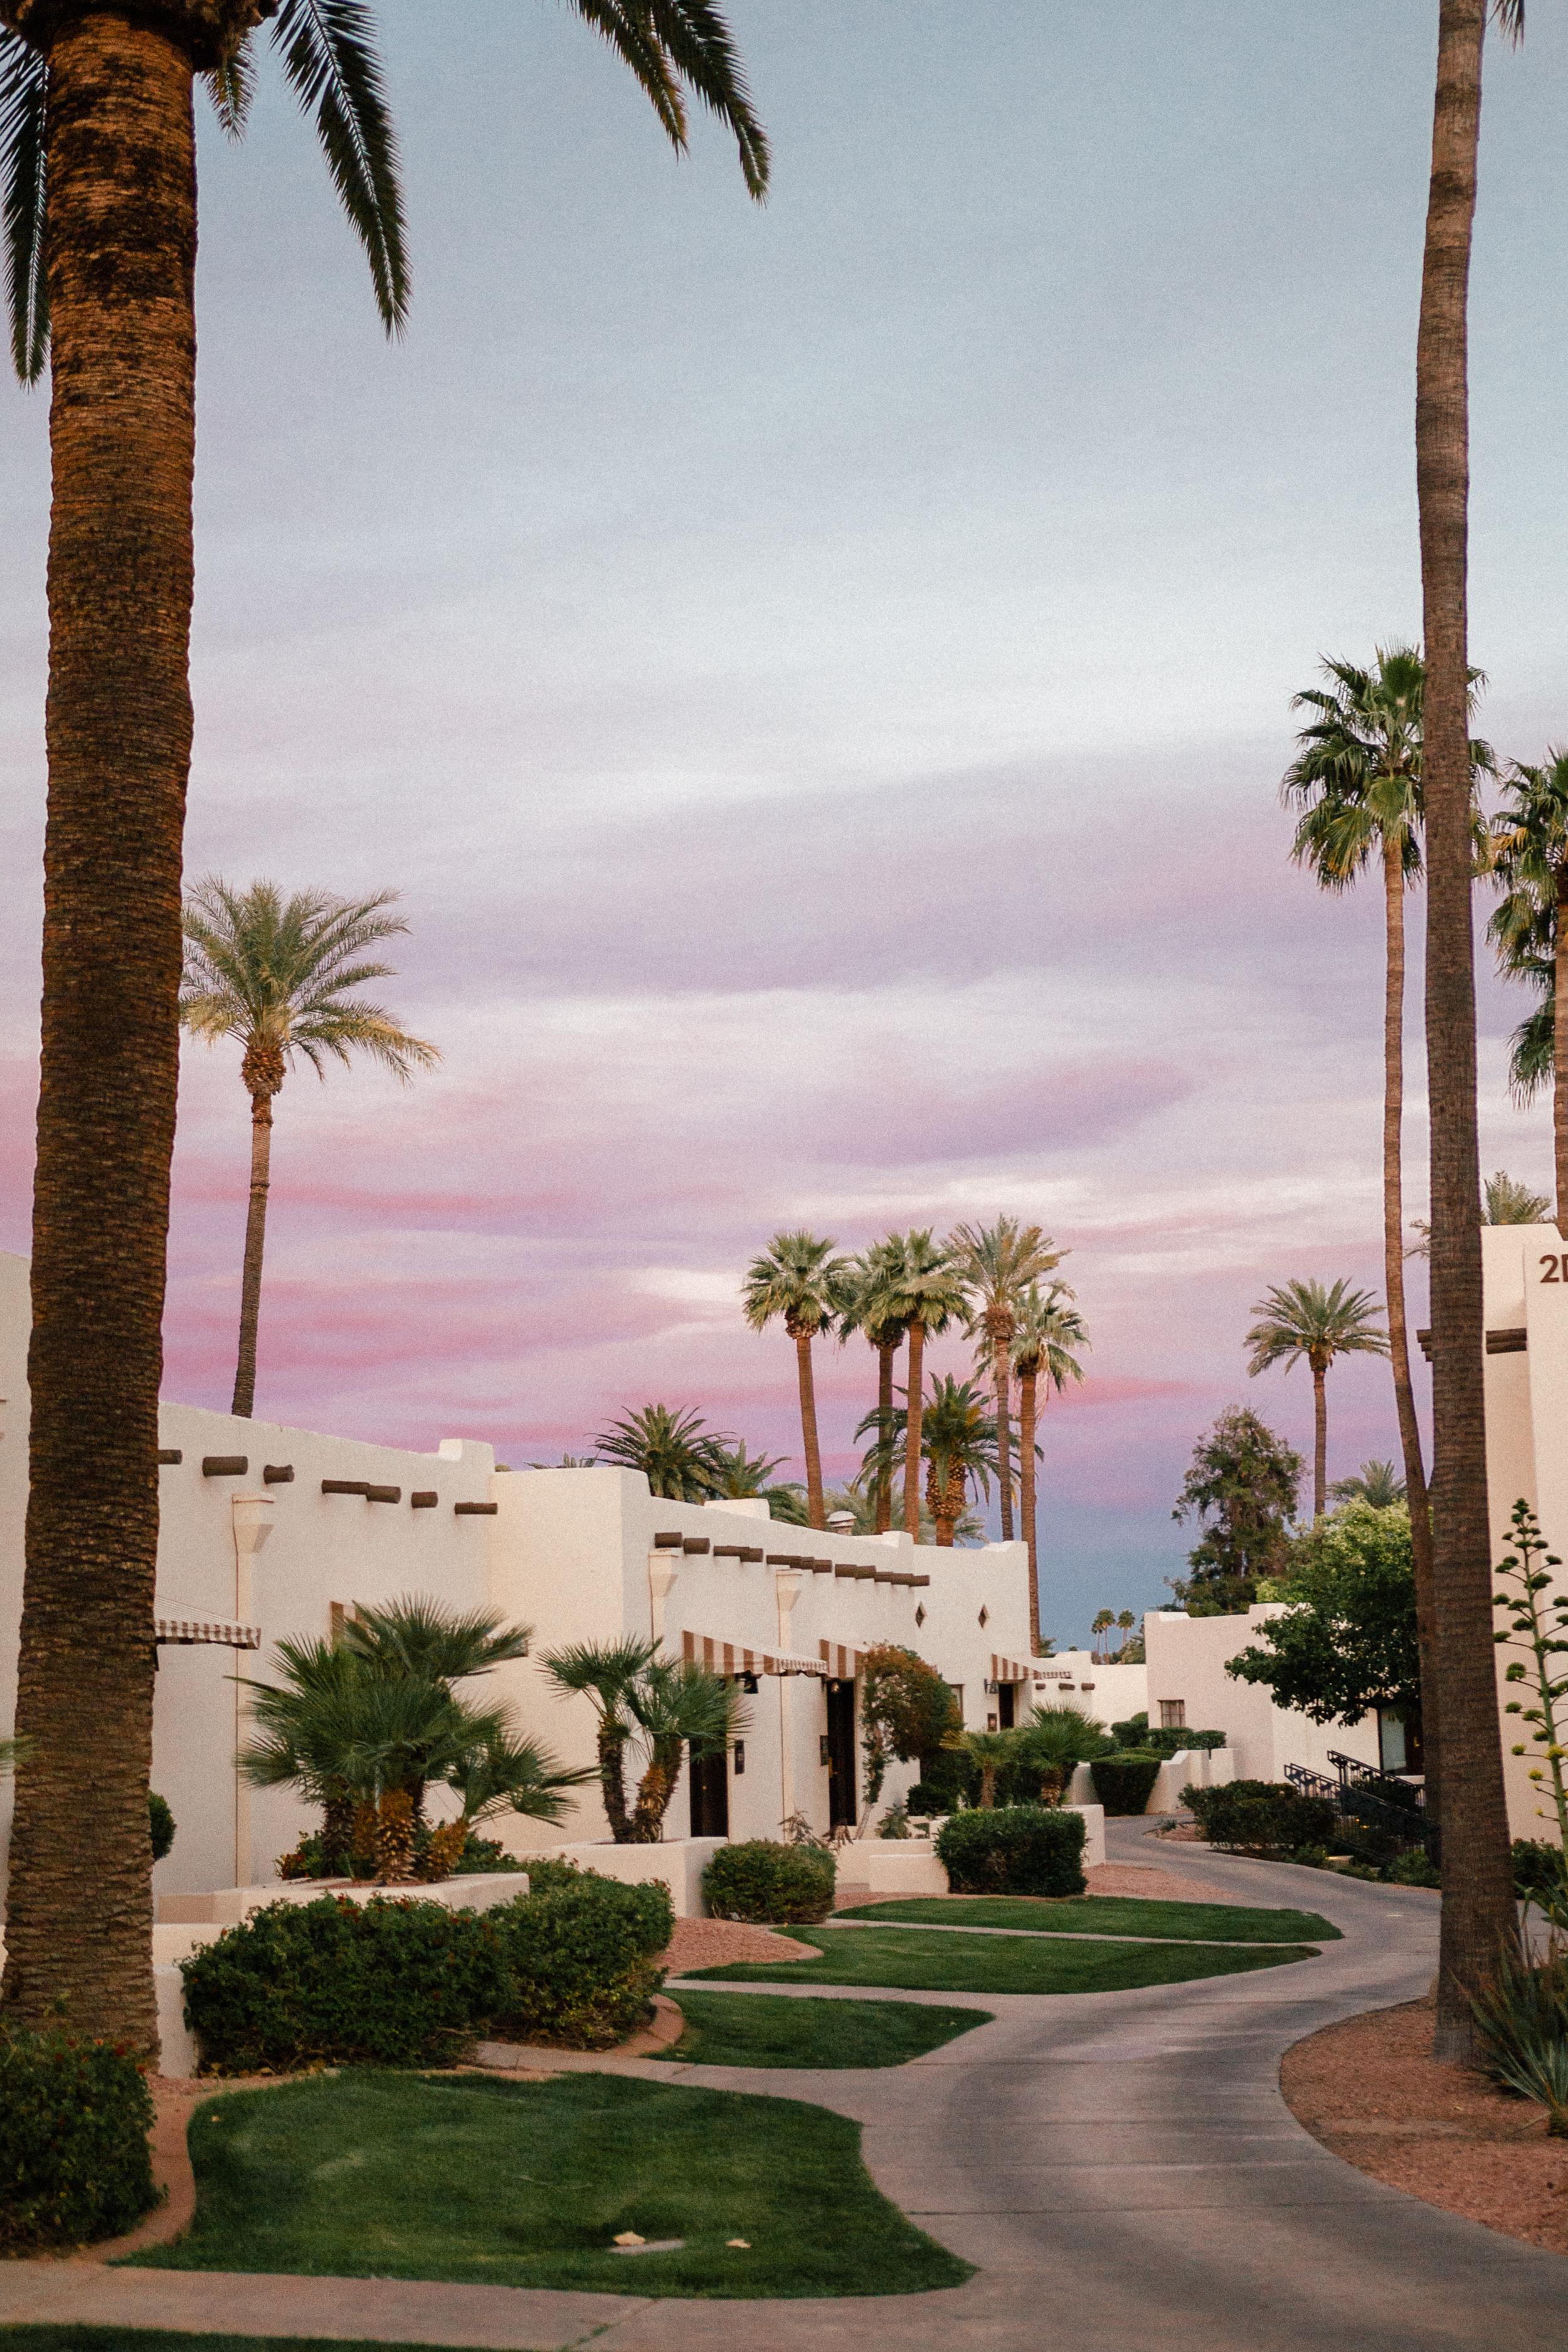 wigwam resort arizona 45